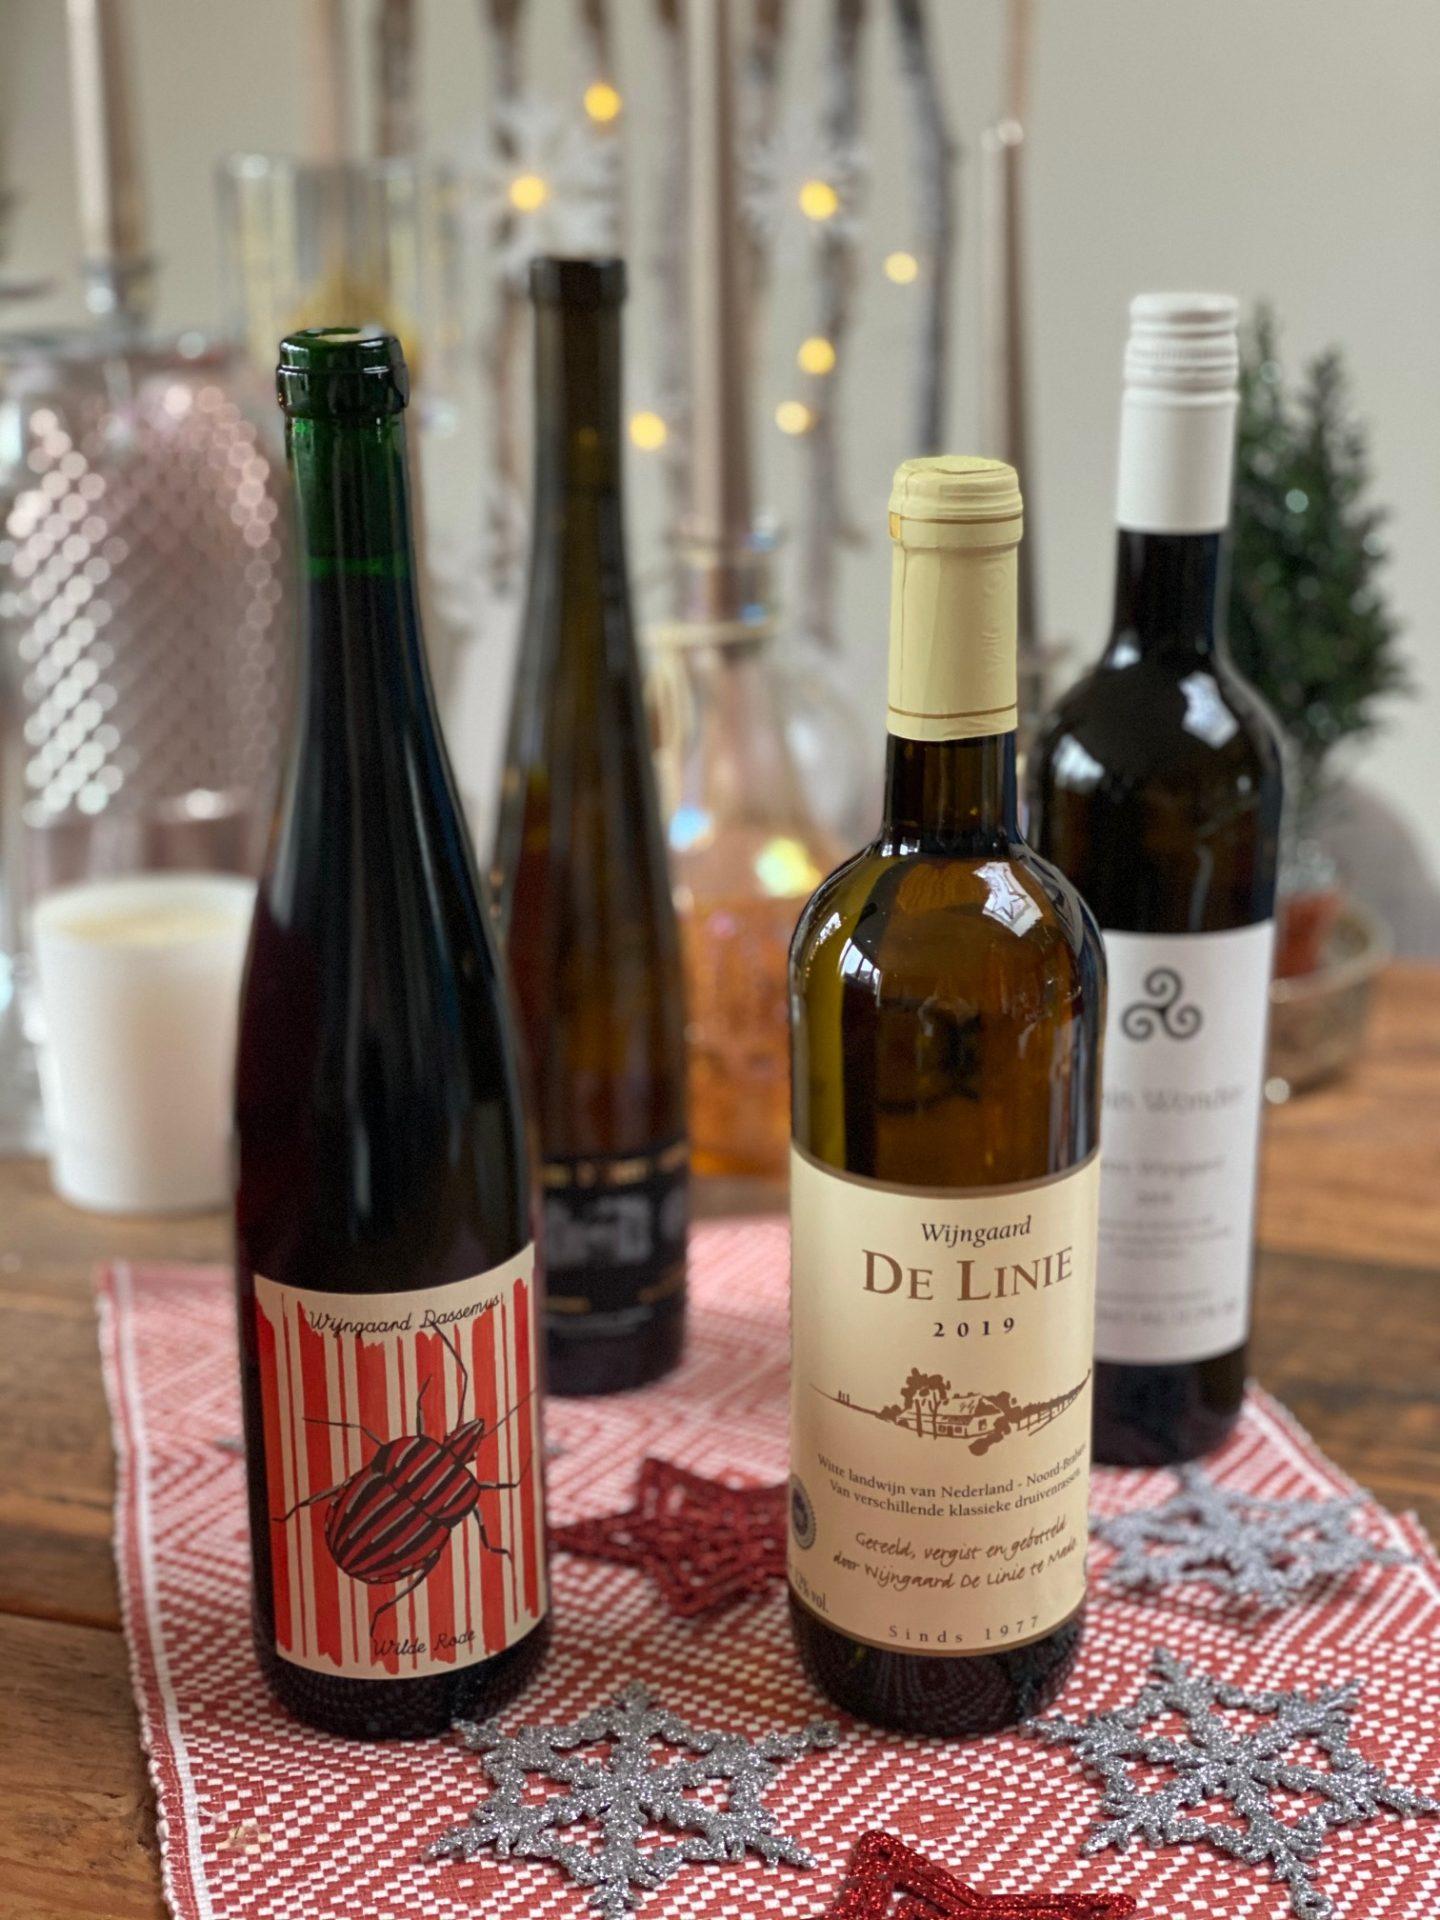 Wijn uit Brabant - Kies voor onze eigen tijdens de feestdagen